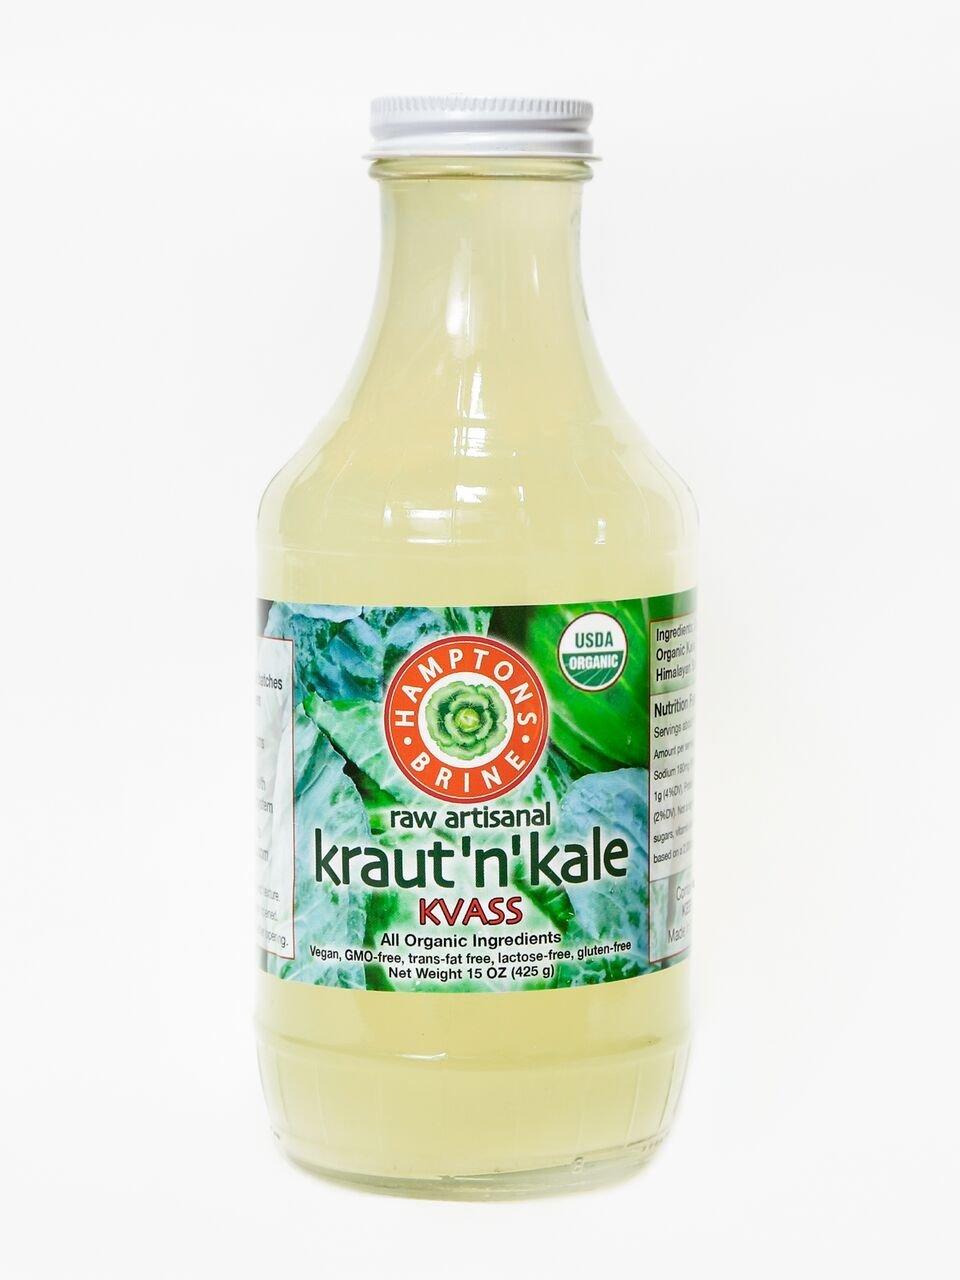 Kraut-N-Kale Kvass